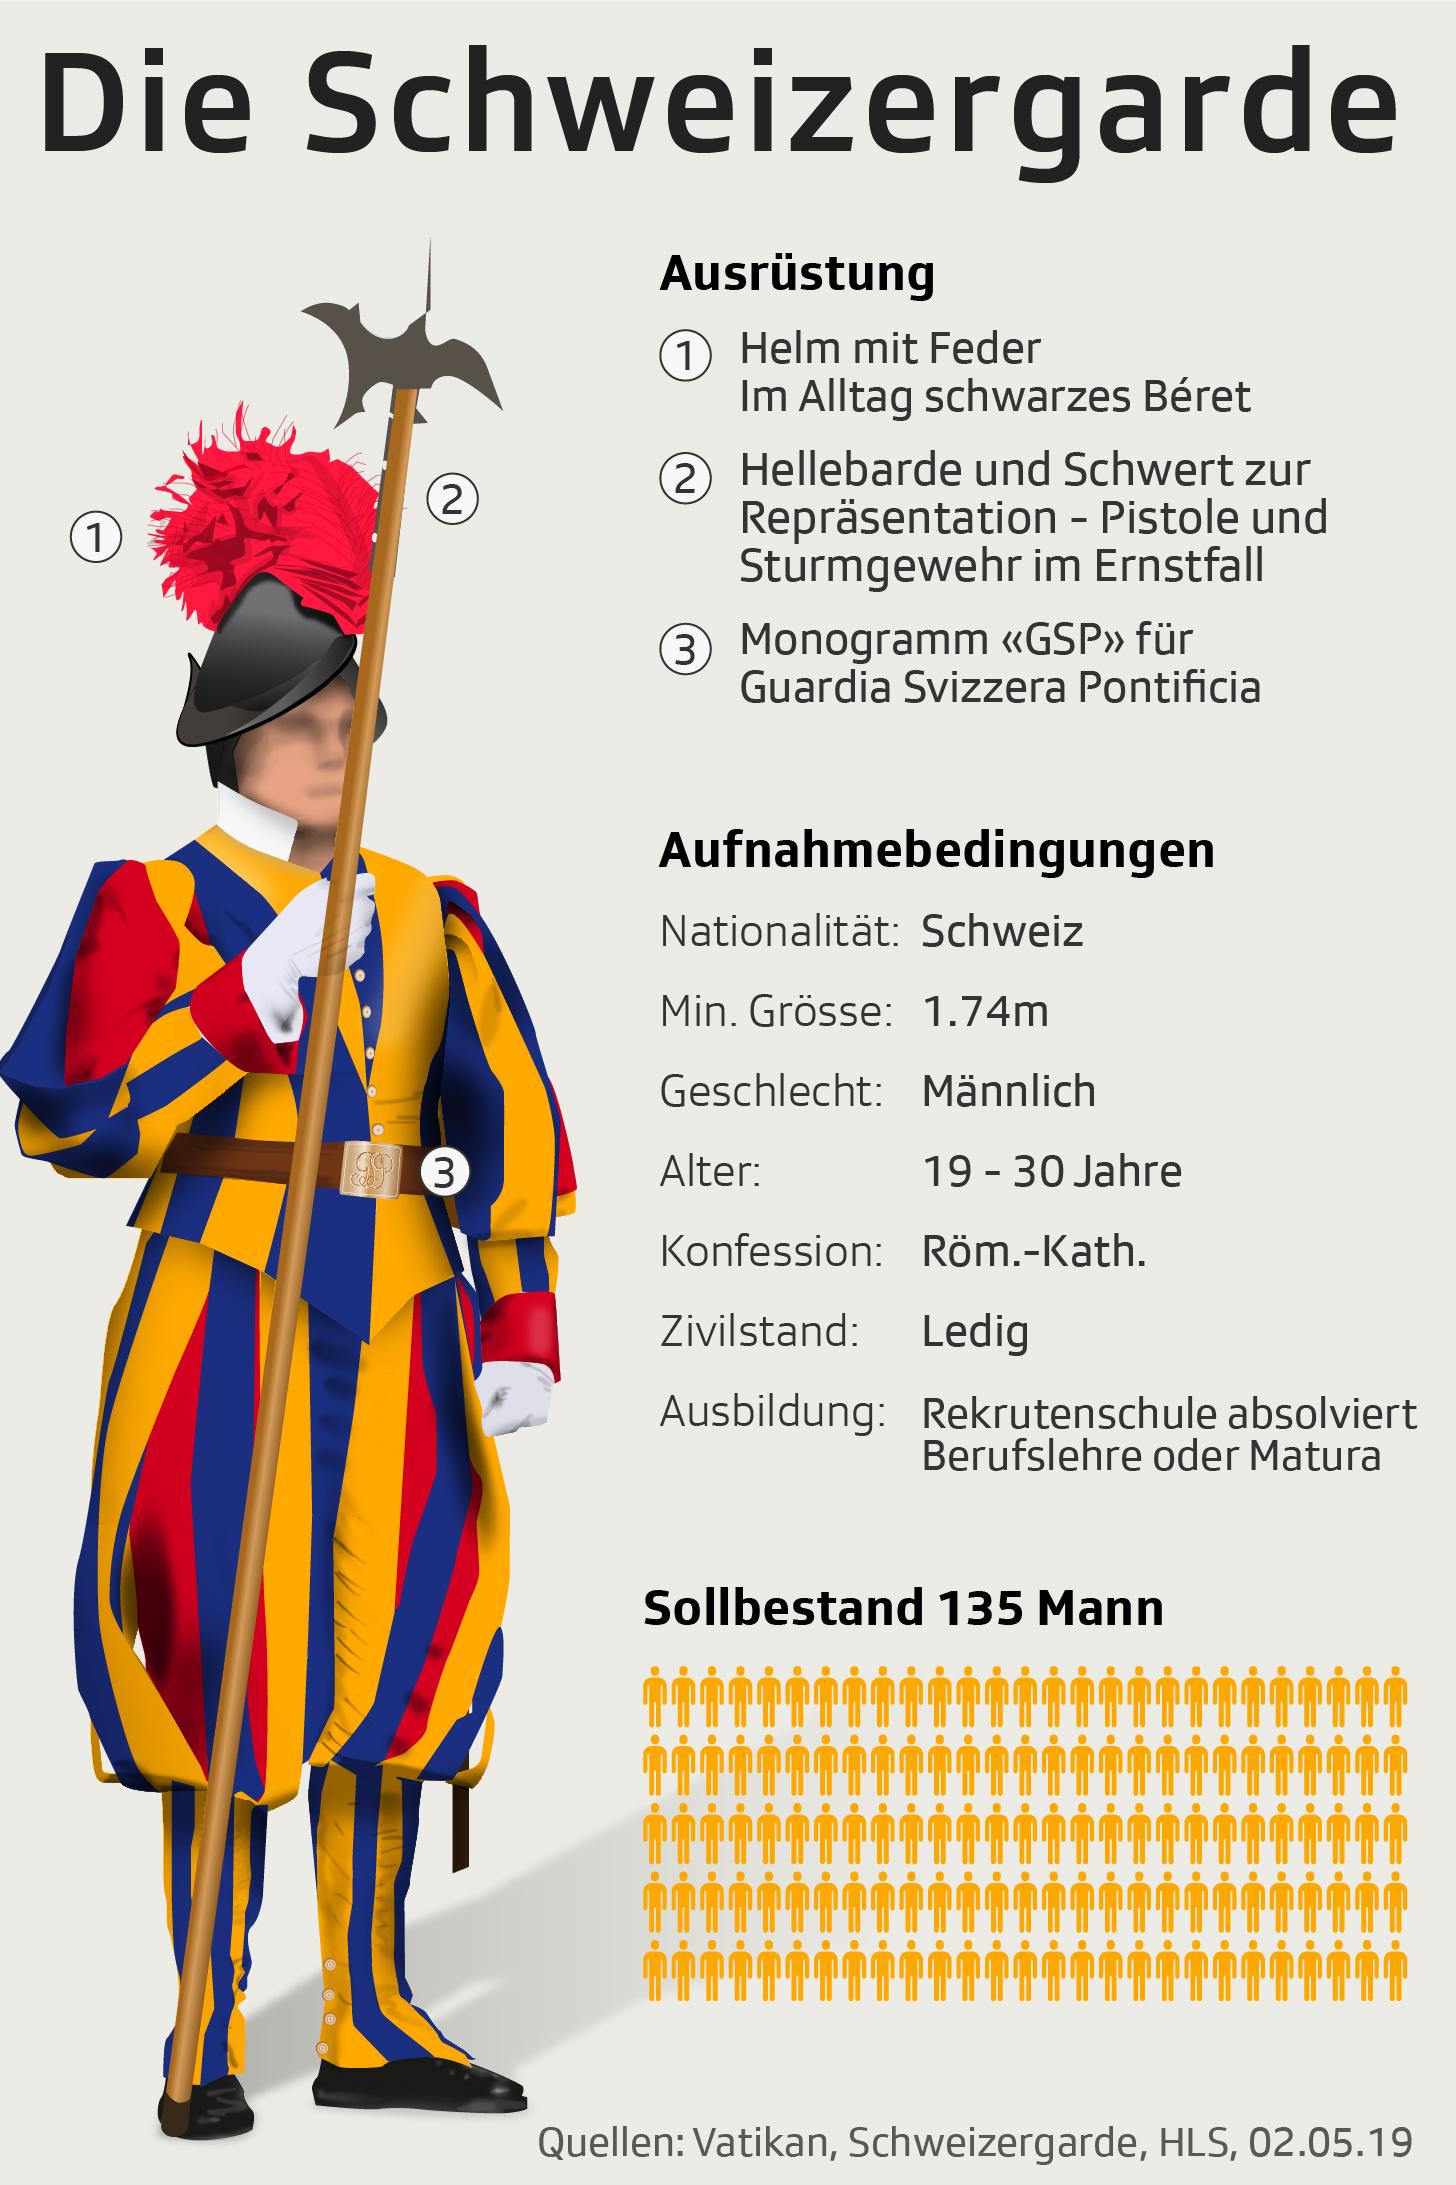 Grafik zeigt Aufnahmebedingungen und Uniform der Schweizergarde